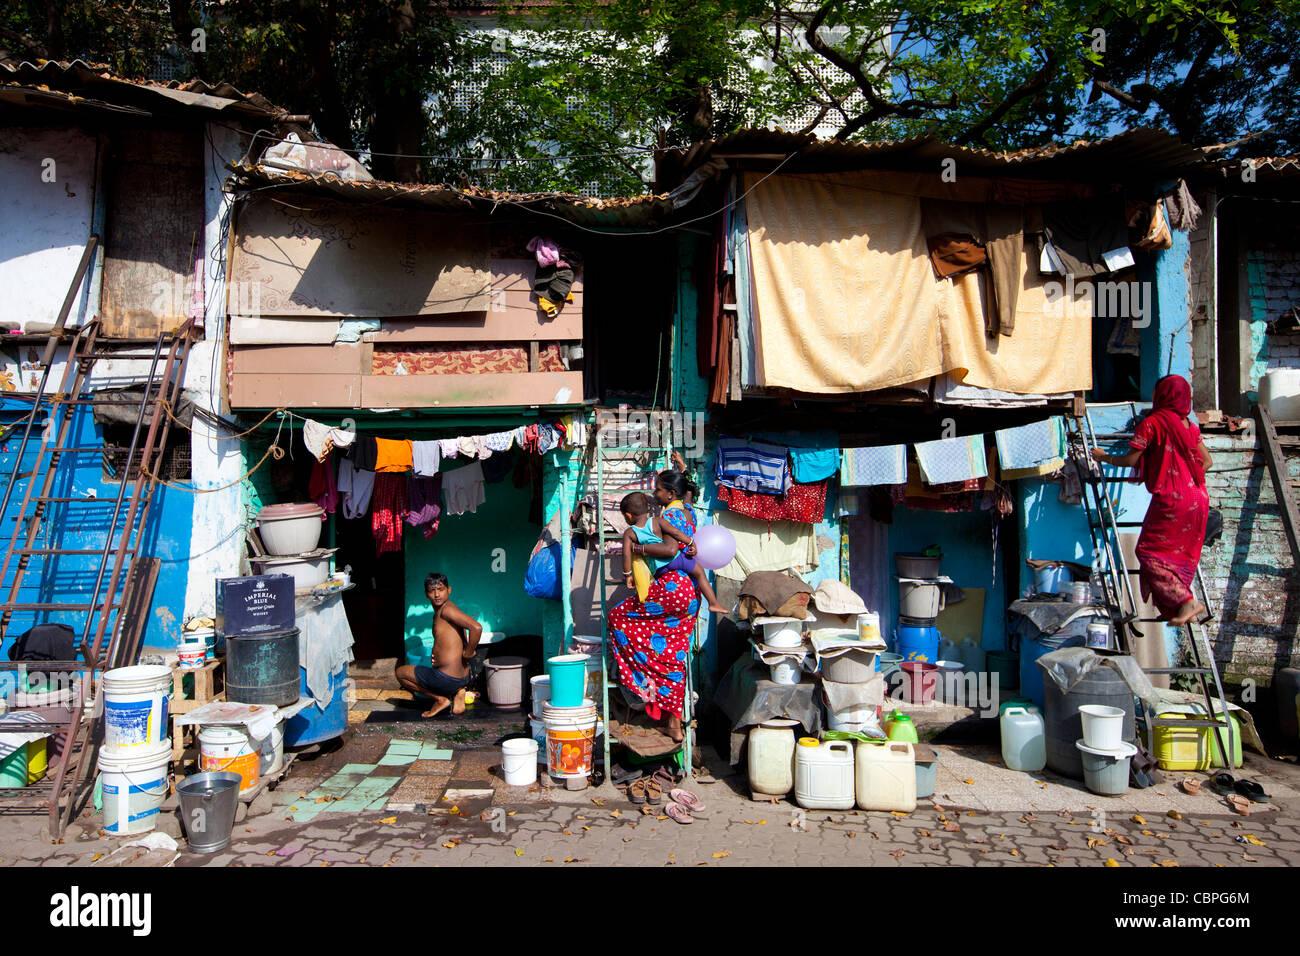 La vivienda y los habitantes de los barrios de tugurios en Mahalaxmi zona de Mumbai, India Imagen De Stock